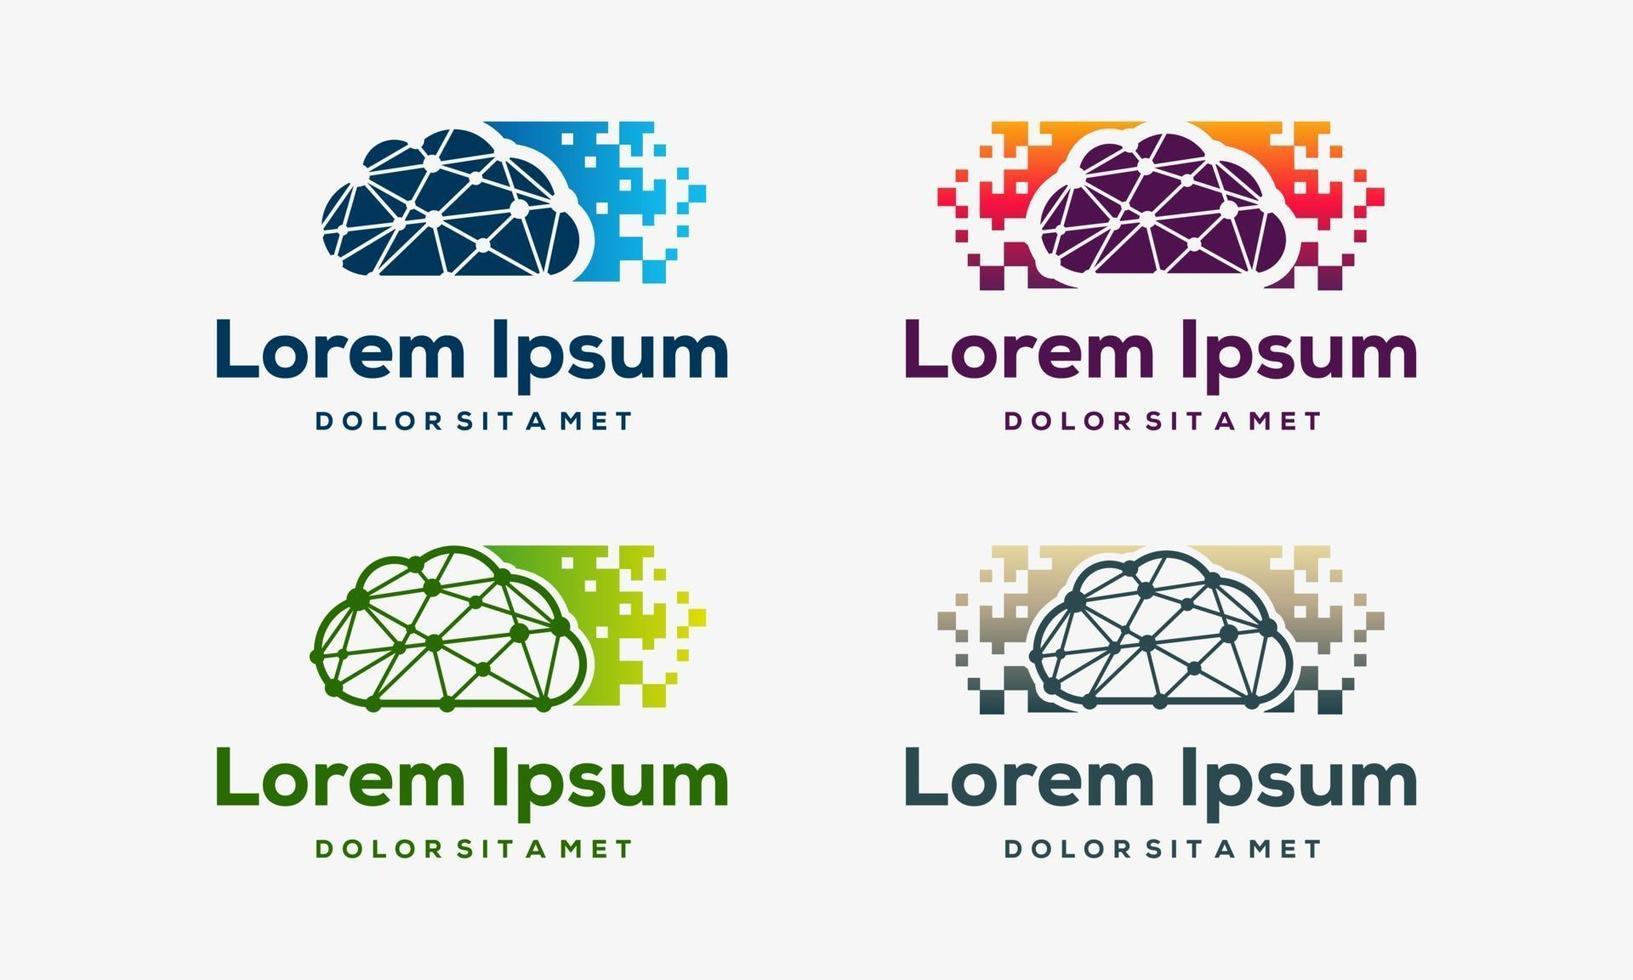 conjunto de diseños de iconos de nube de píxeles modernos vector